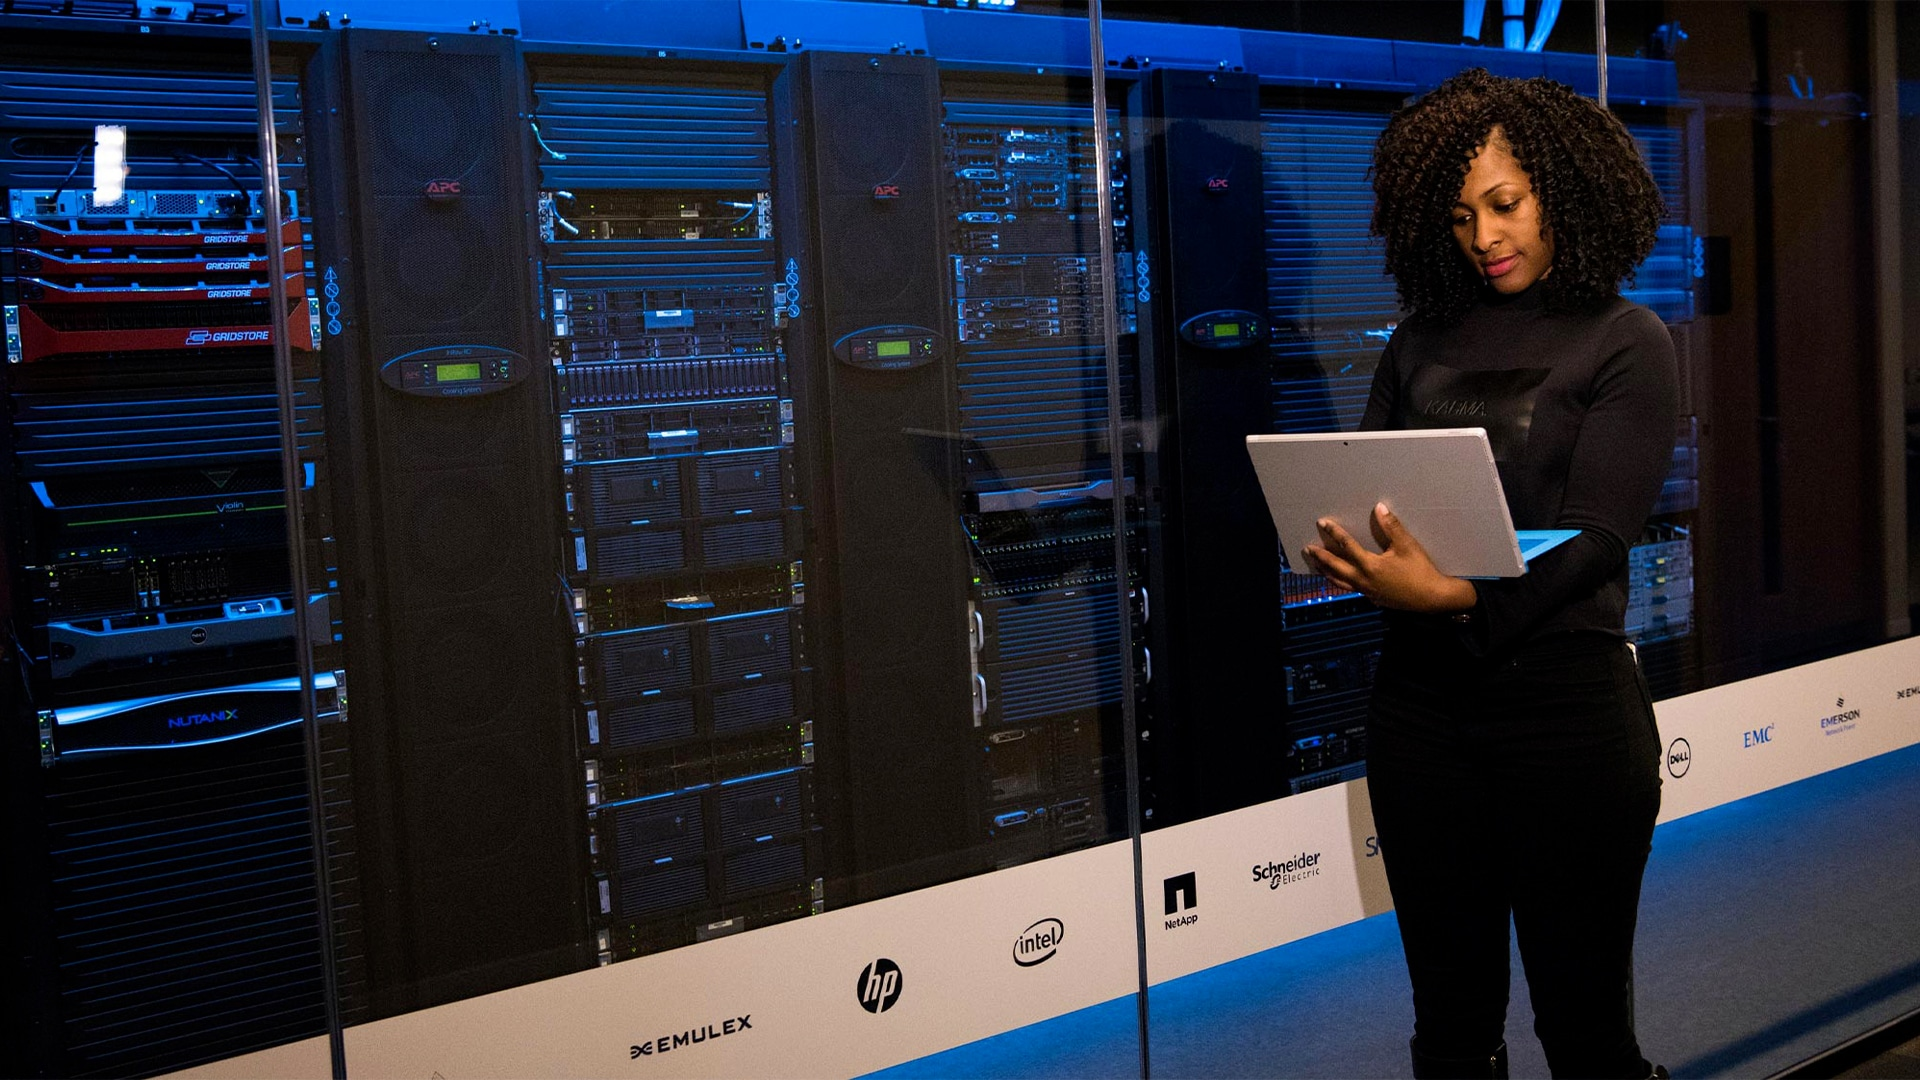 Une sécurité renforcée contre les cybermenaces grâce au Cloud, de plus en plus nombreuses